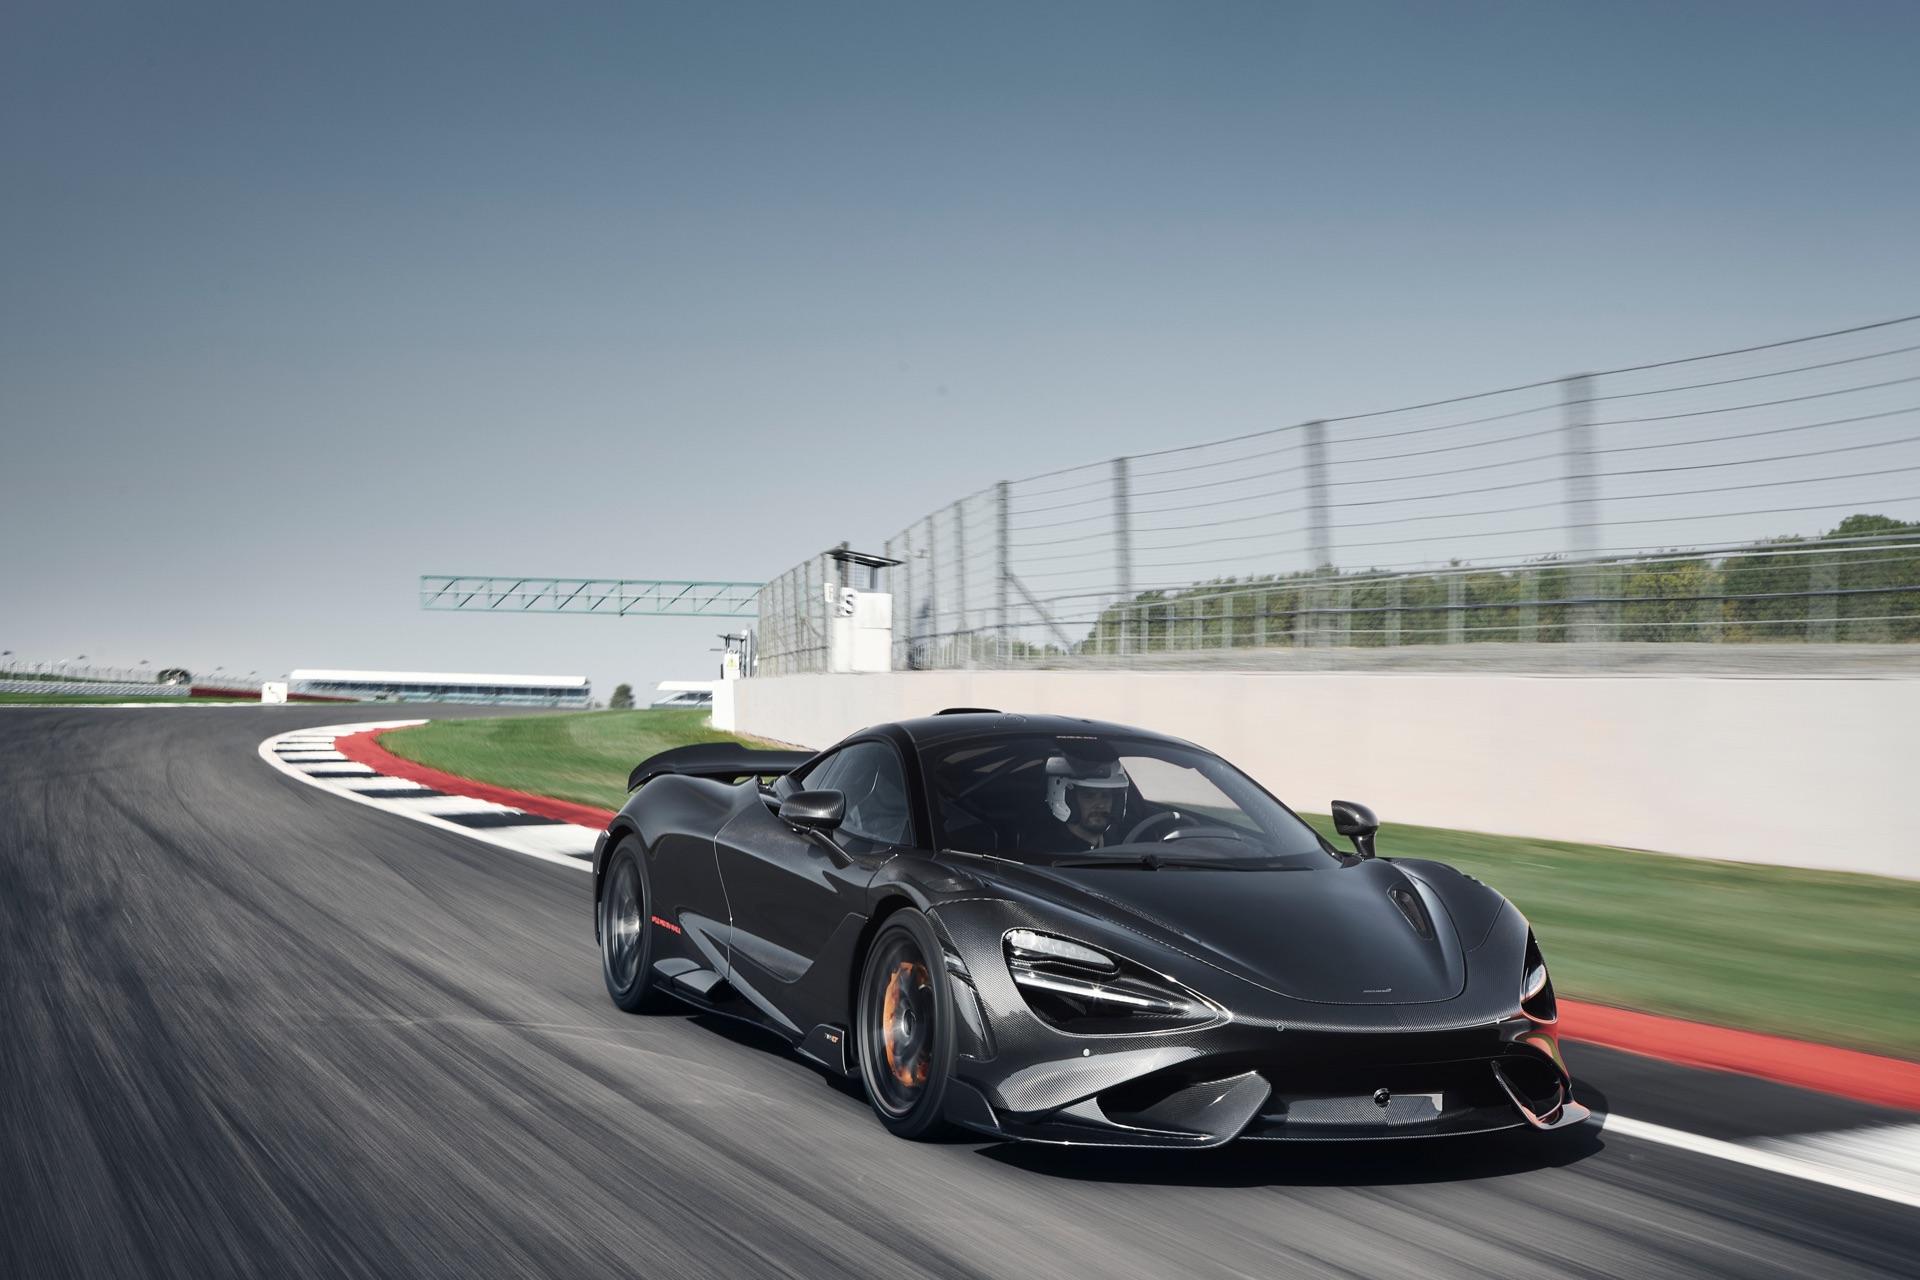 MSO McLaren 765LT Geohex Front